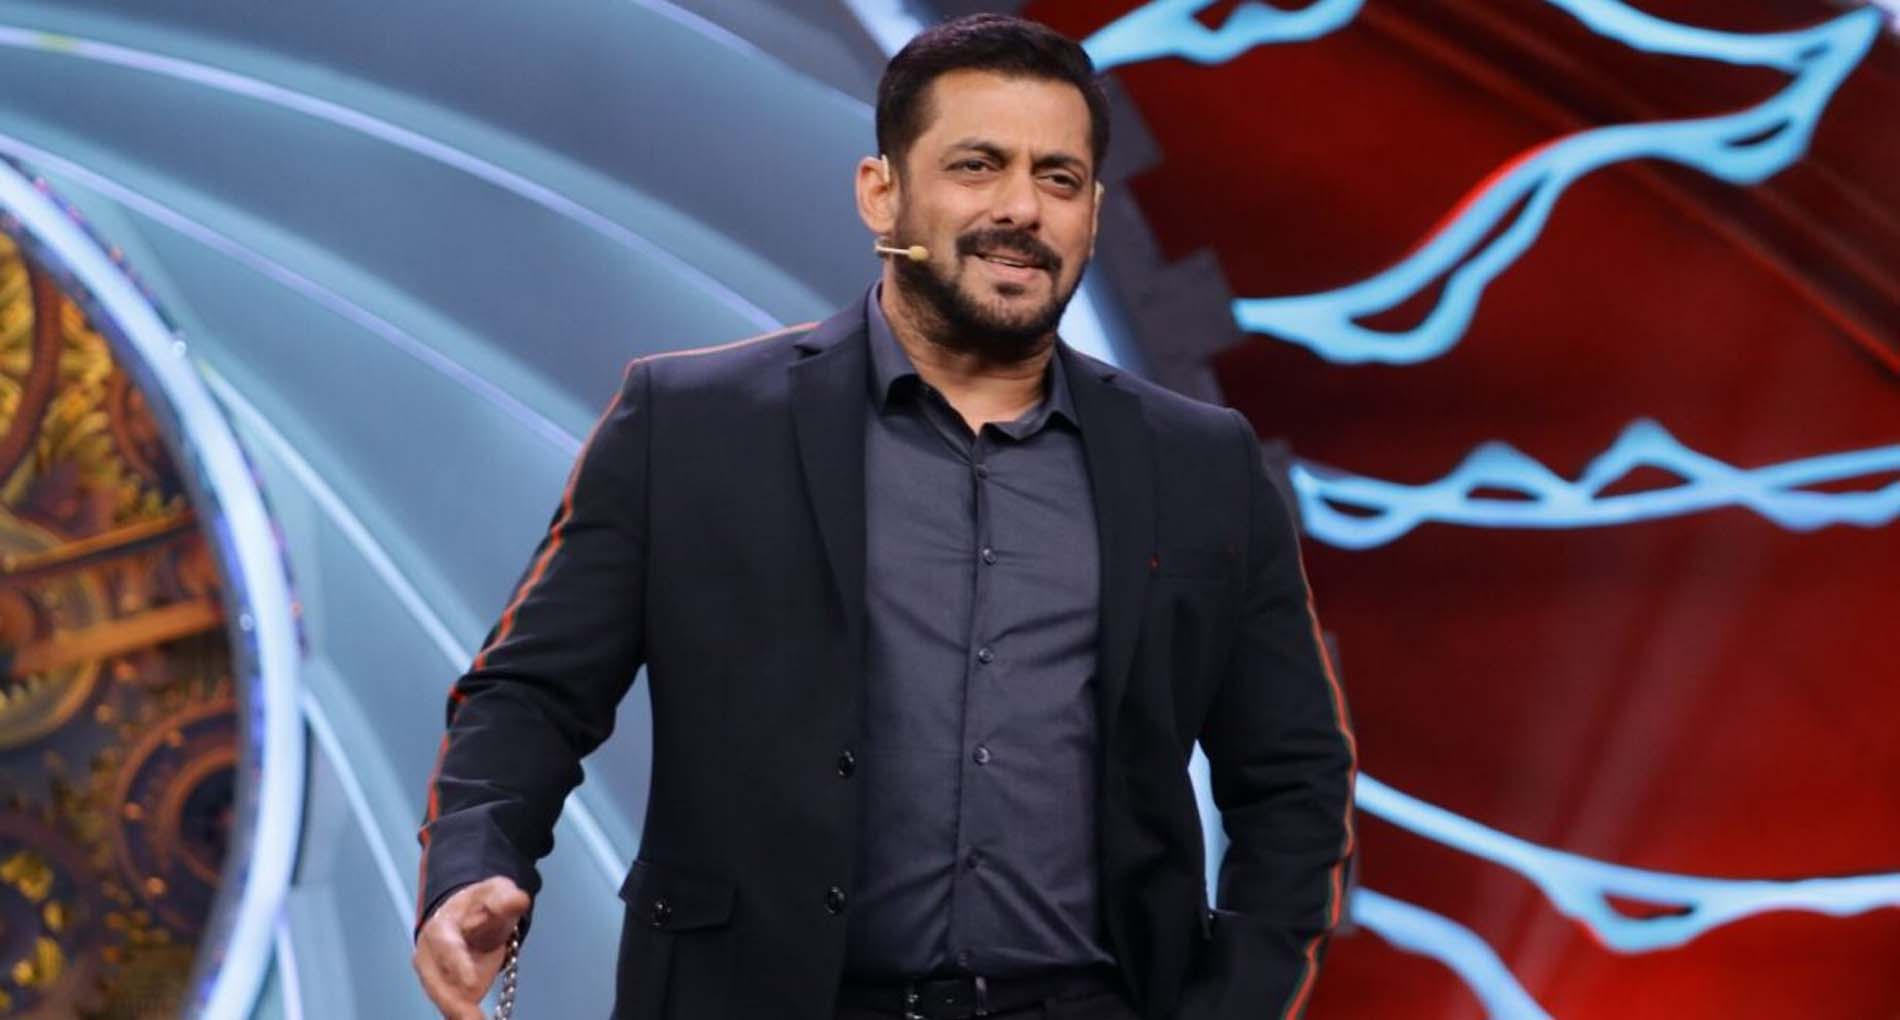 ग्रैंड फिनाले पर सलमान खान ने किया Bigg Boss-15 का ऐलान, जानें कैसा शुरू होगा सलेक्शन प्रोसेस